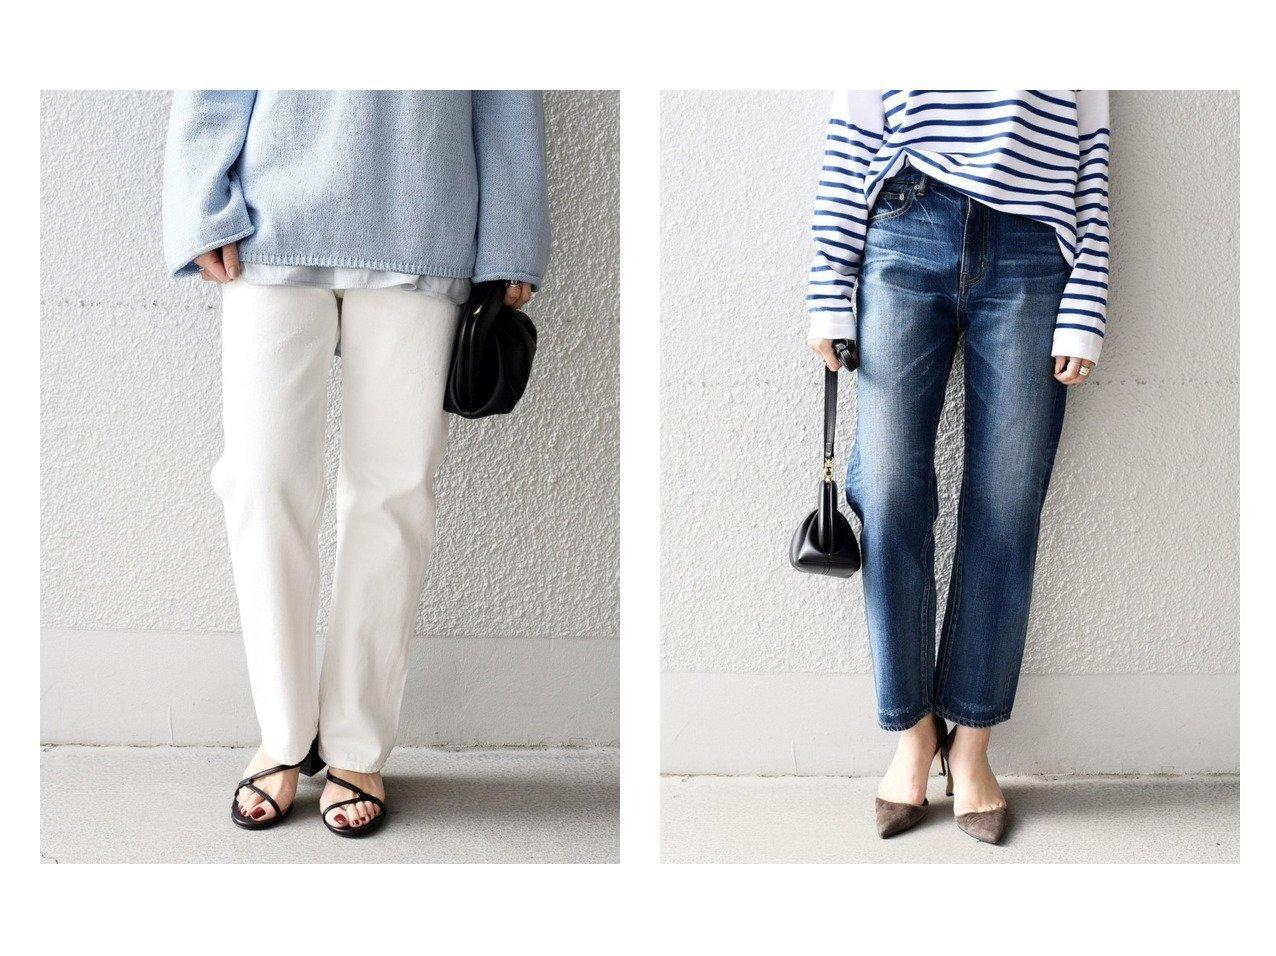 【SHIPS/シップス フォー ウィメン】のスリムストレートデニム white&スリムストレートデニム blue パンツのおすすめ!人気、トレンド・レディースファッションの通販 おすすめで人気の流行・トレンド、ファッションの通販商品 メンズファッション・キッズファッション・インテリア・家具・レディースファッション・服の通販 founy(ファニー) https://founy.com/ ファッション Fashion レディースファッション WOMEN パンツ Pants NEW・新作・新着・新入荷 New Arrivals ジーンズ ストレート デニム ヴィンテージ 人気 再入荷 Restock/Back in Stock/Re Arrival 春 Spring |ID:crp329100000012410